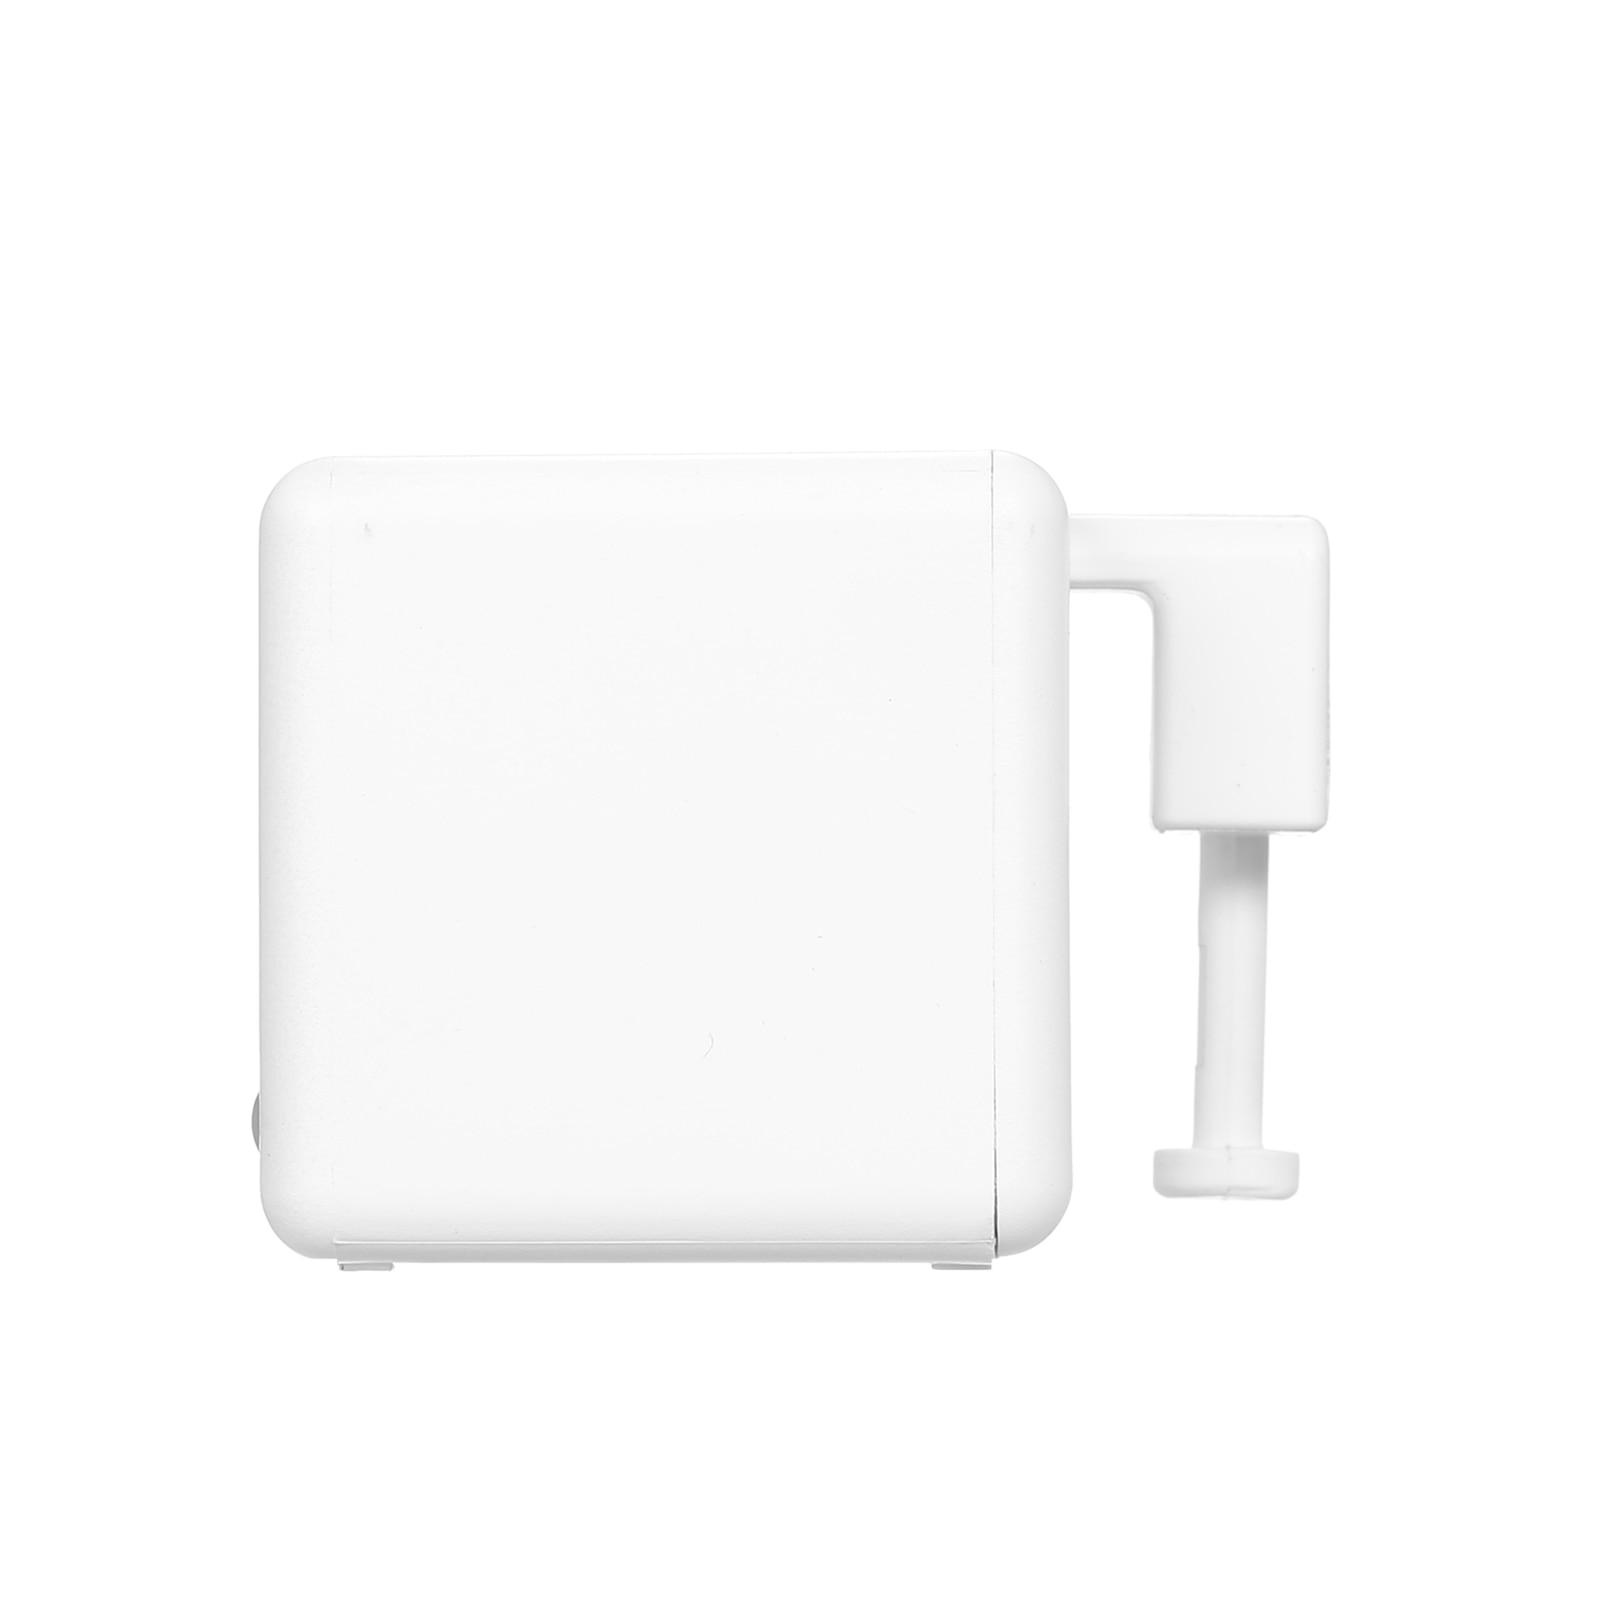 KKmoon واي فاي جهاز تحكم صغير BT أتمتة تحكم ل iOS أندرويد اللاسلكية App الموقت التحكم متوافق مع أليكسا جوجل الرئيسية